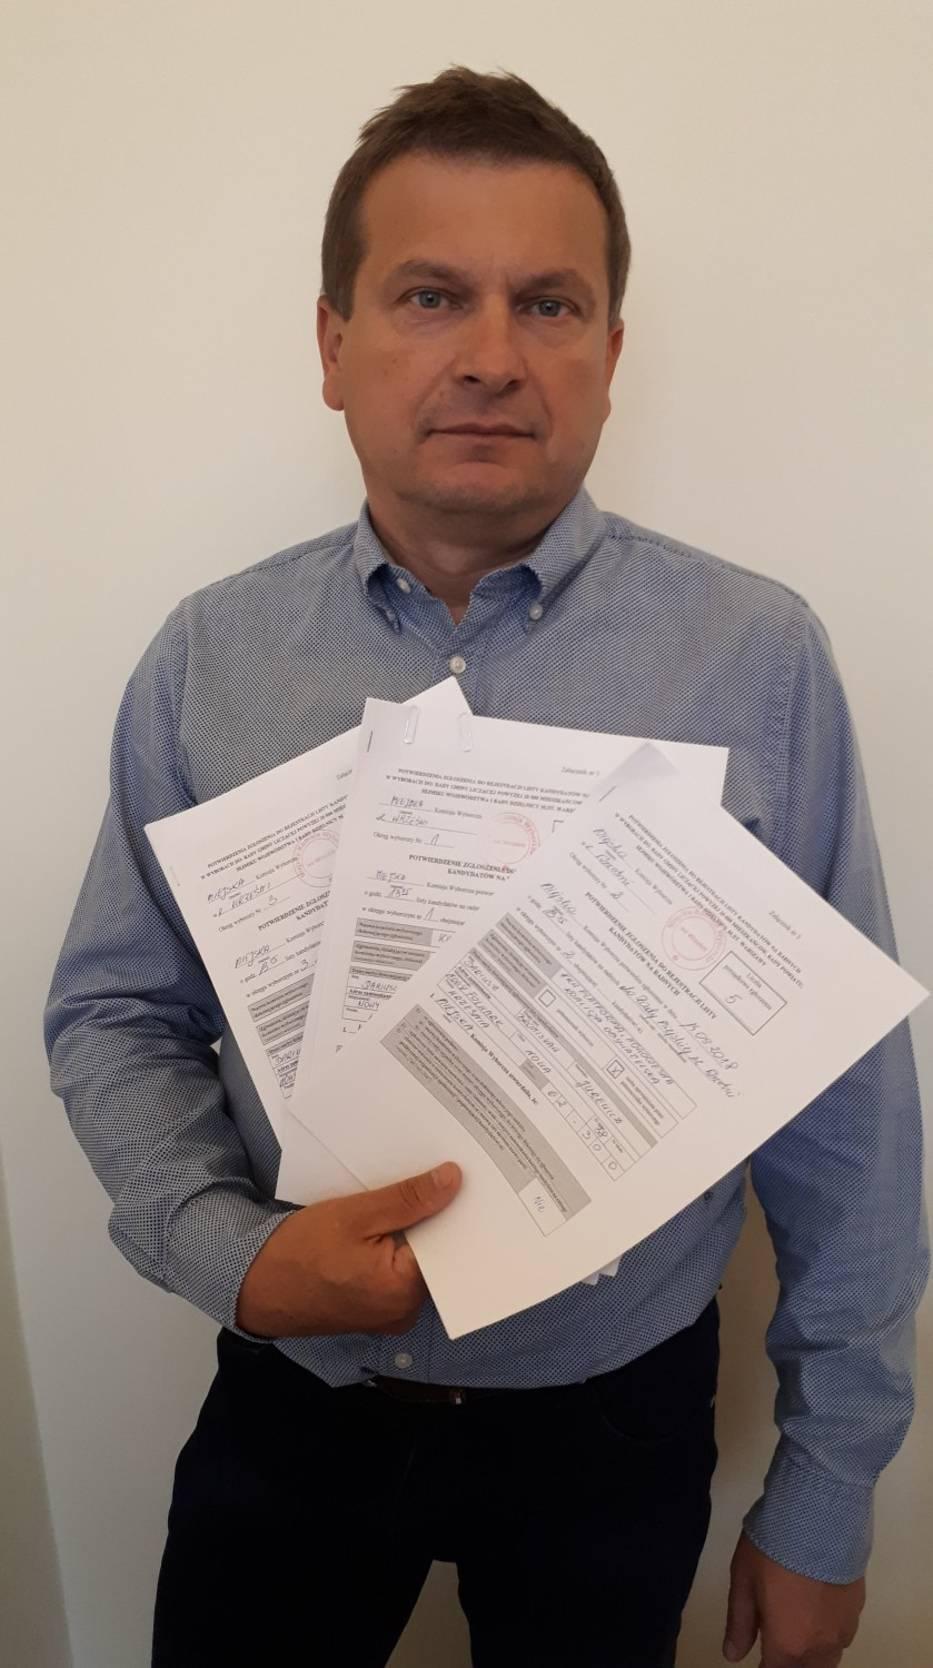 Koalicyjny Komitet Wyborczy Platforma - Nowoczesna: zobacz kandydatów do Rady Miejskiej